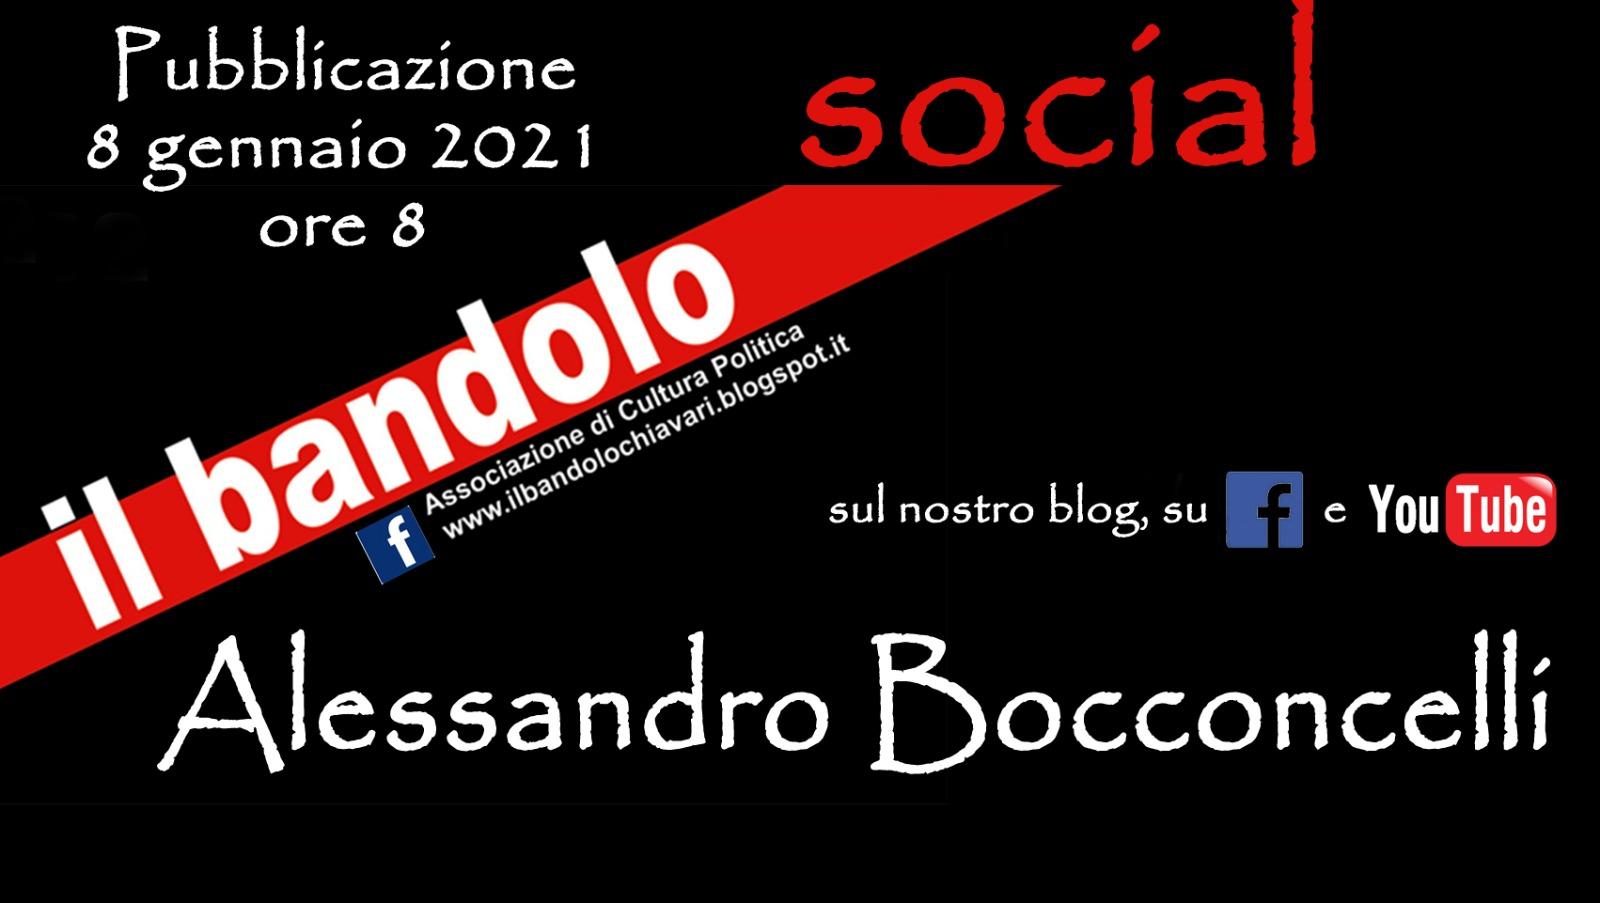 """Chiavari: """"il bandolo social"""", venerdì con Alessandro Bocconcelli"""